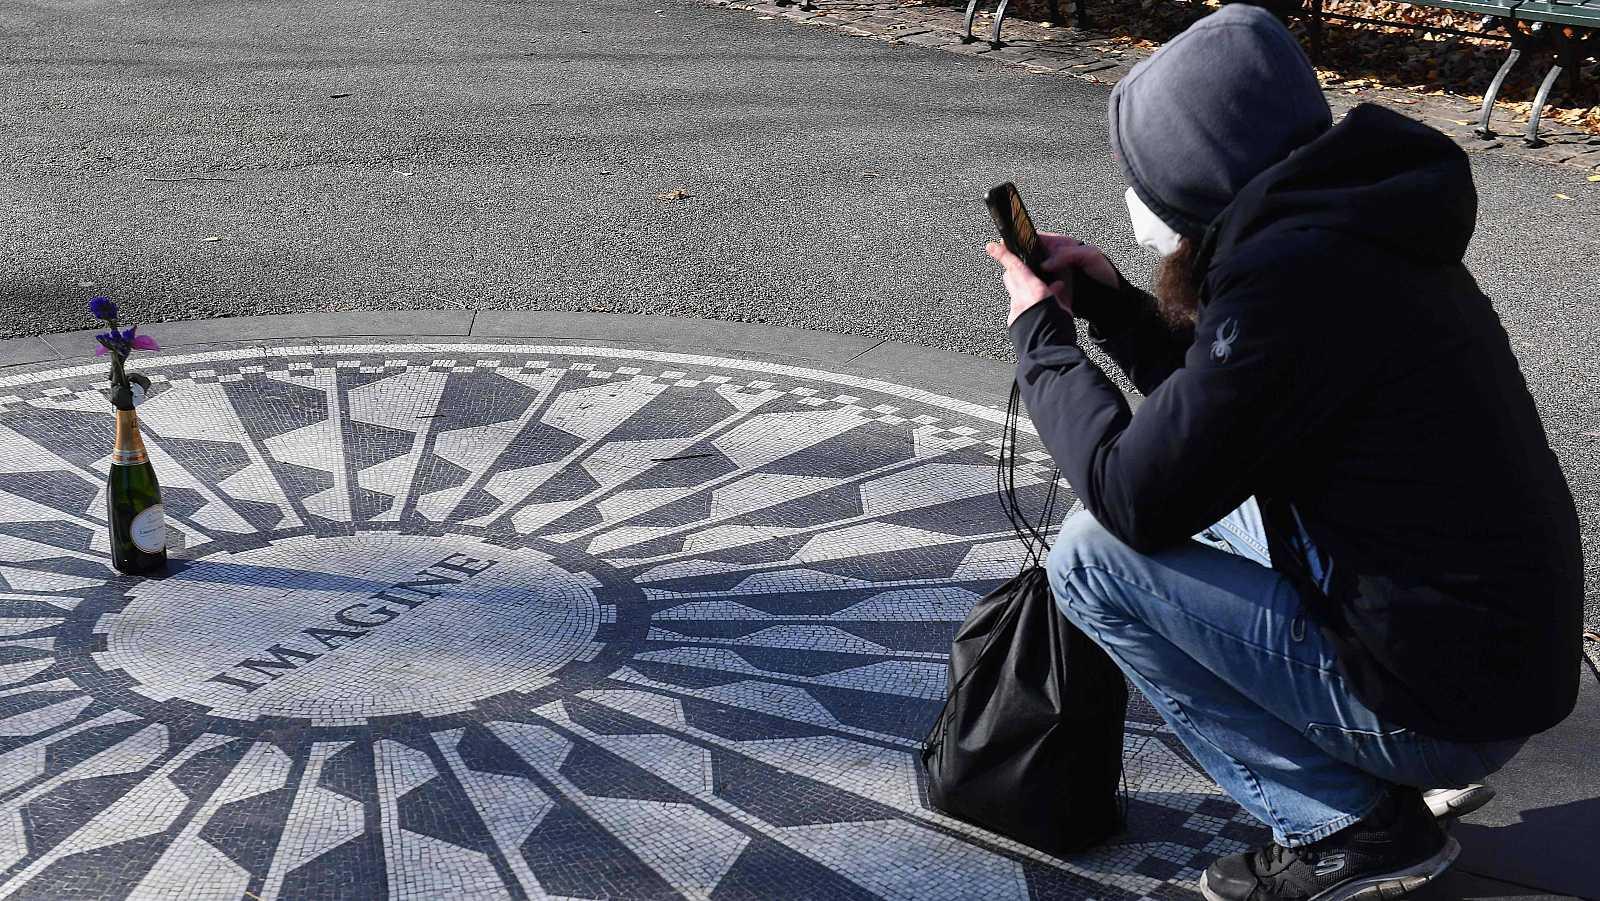 14 horas - El mensaje de Lennon sigue vivo 40 años después de su asesinato - Escuchar ahora